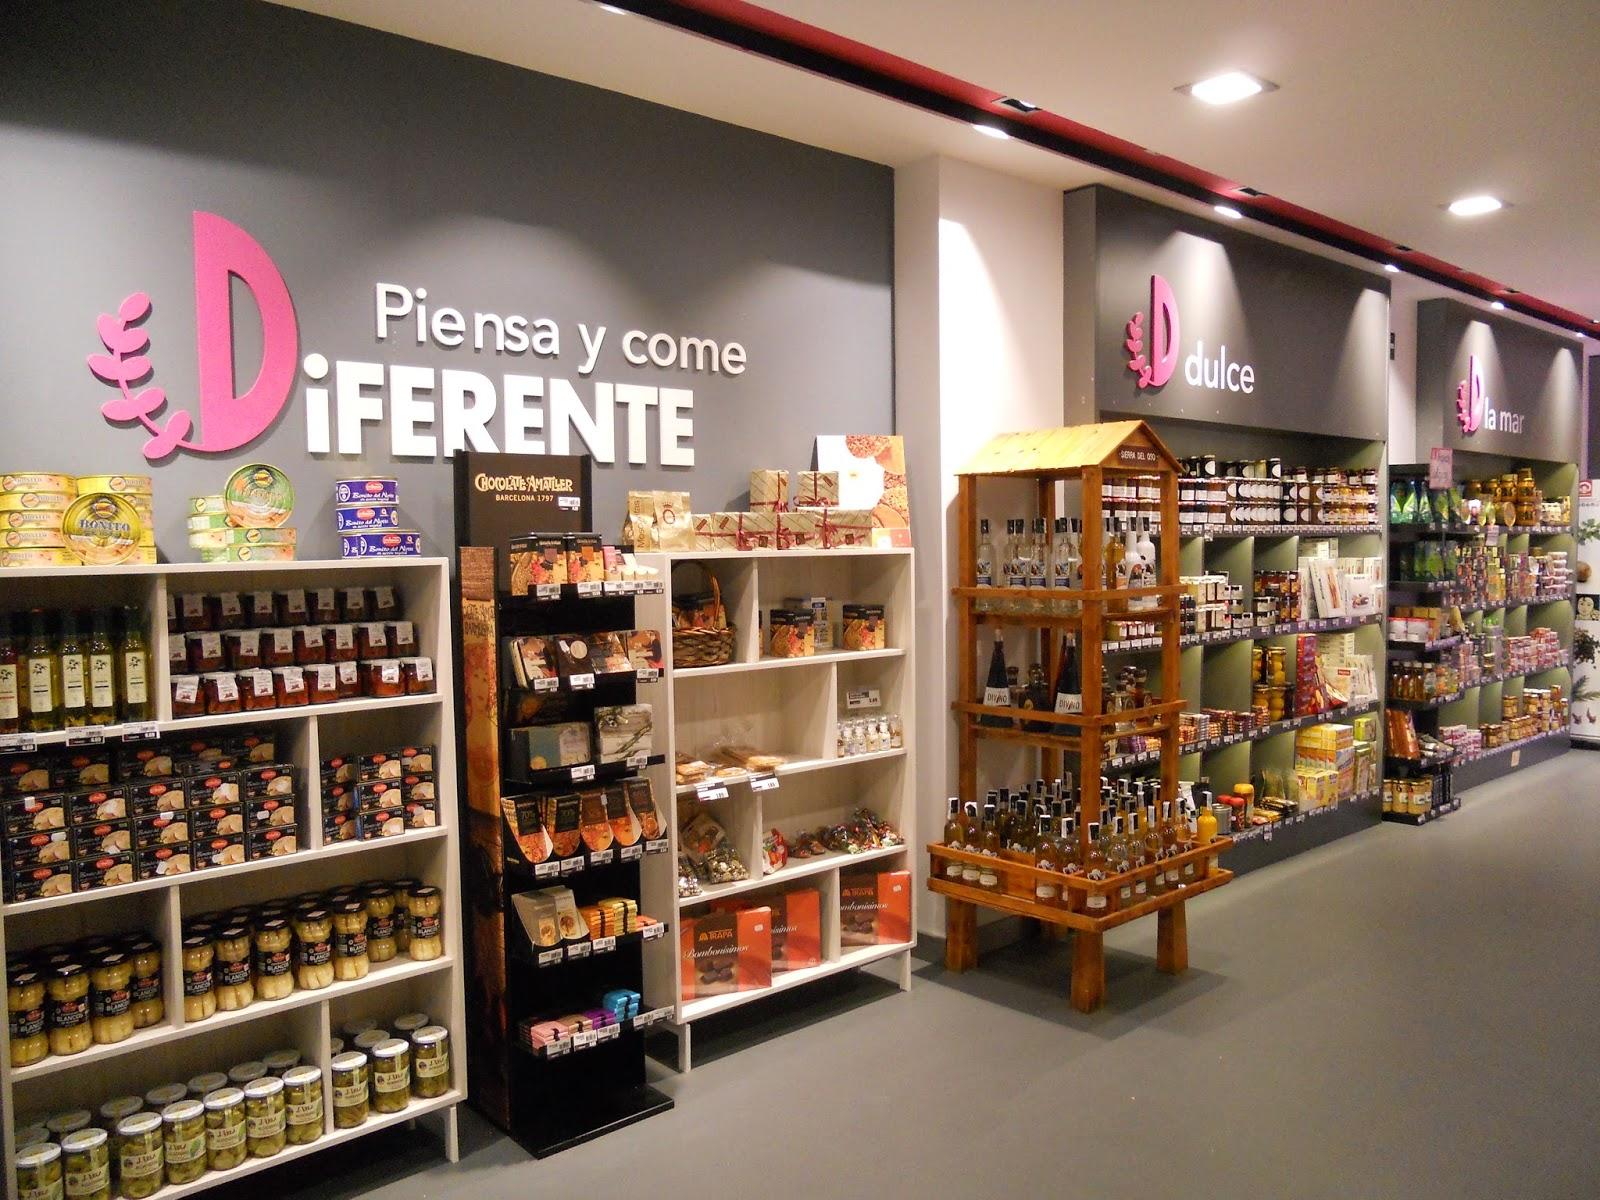 El paladar cr tico nueva tienda de alimentaci n y delicatessen diferente - Como montar una vinoteca ...